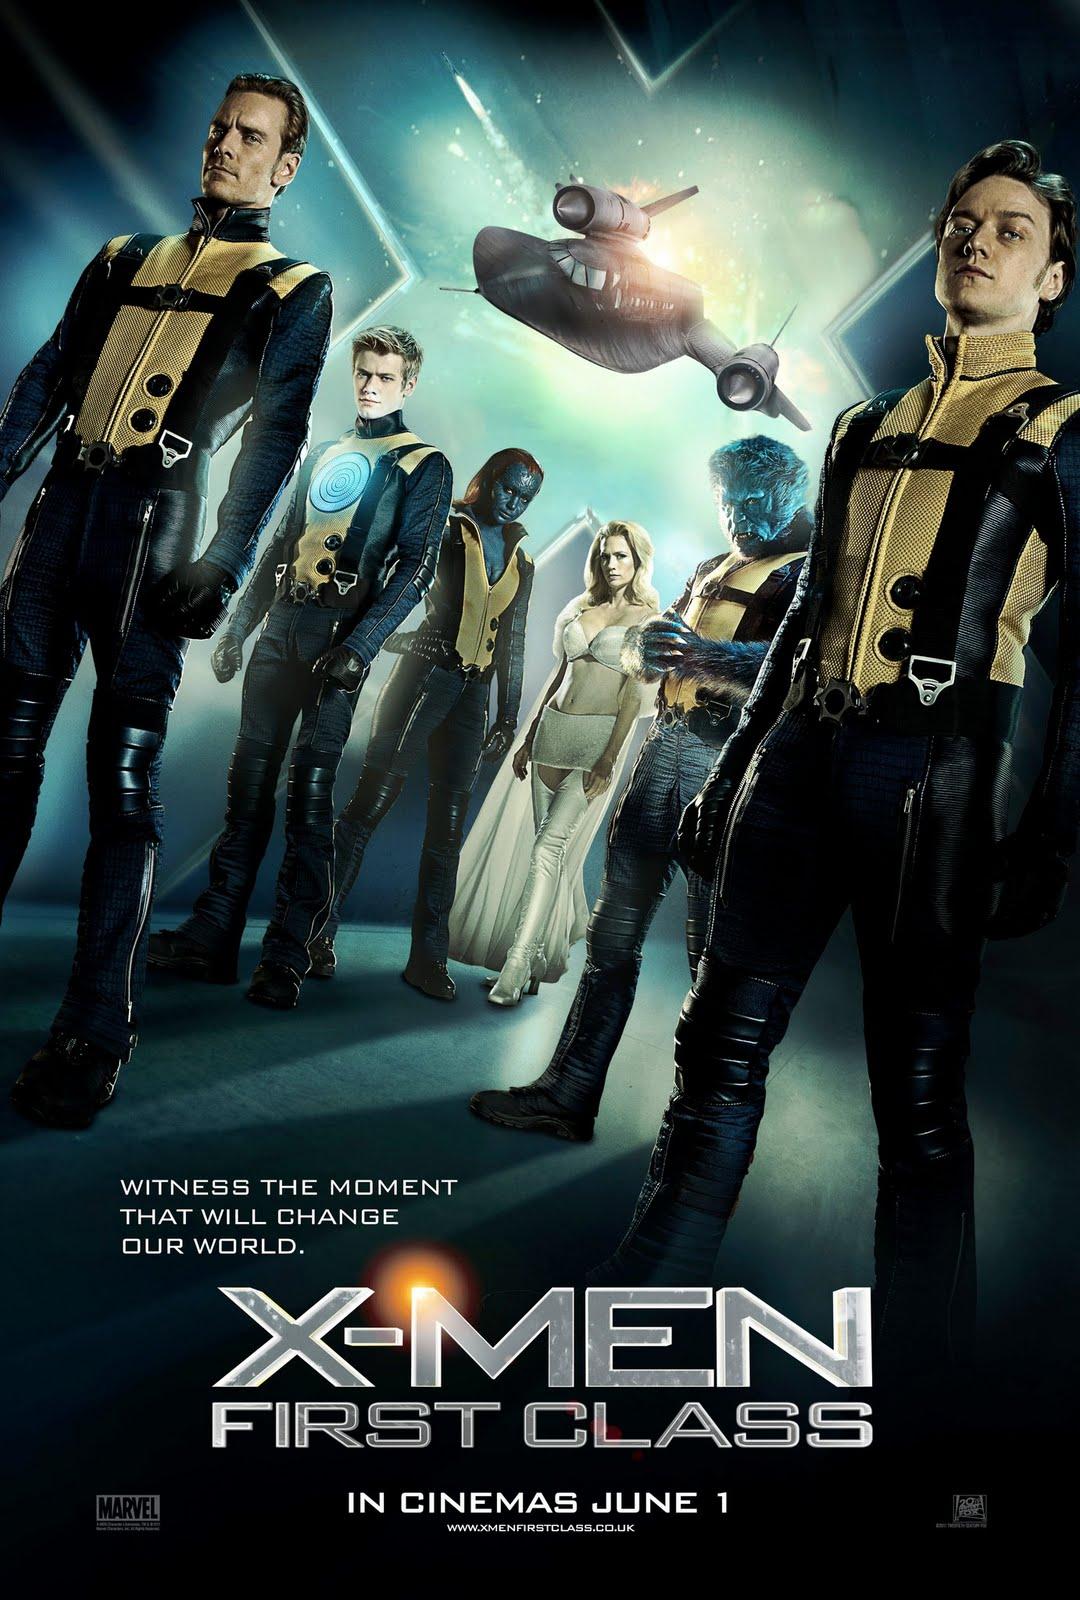 X Men First Class 2 Poster The Gallifreyan...